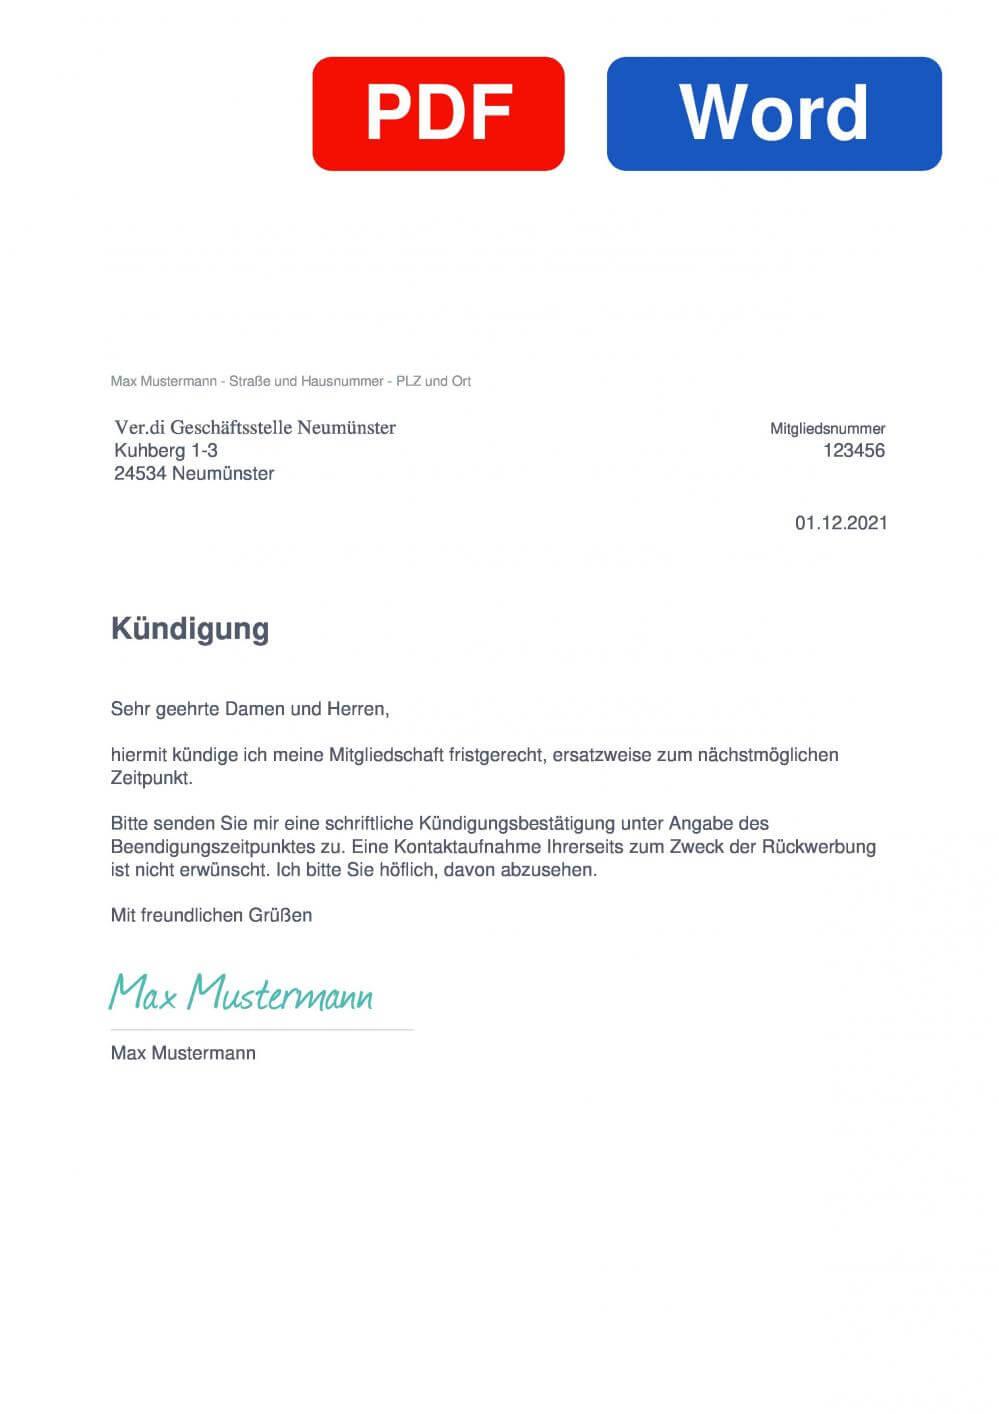 Verdi Neumünster Muster Vorlage für Kündigungsschreiben